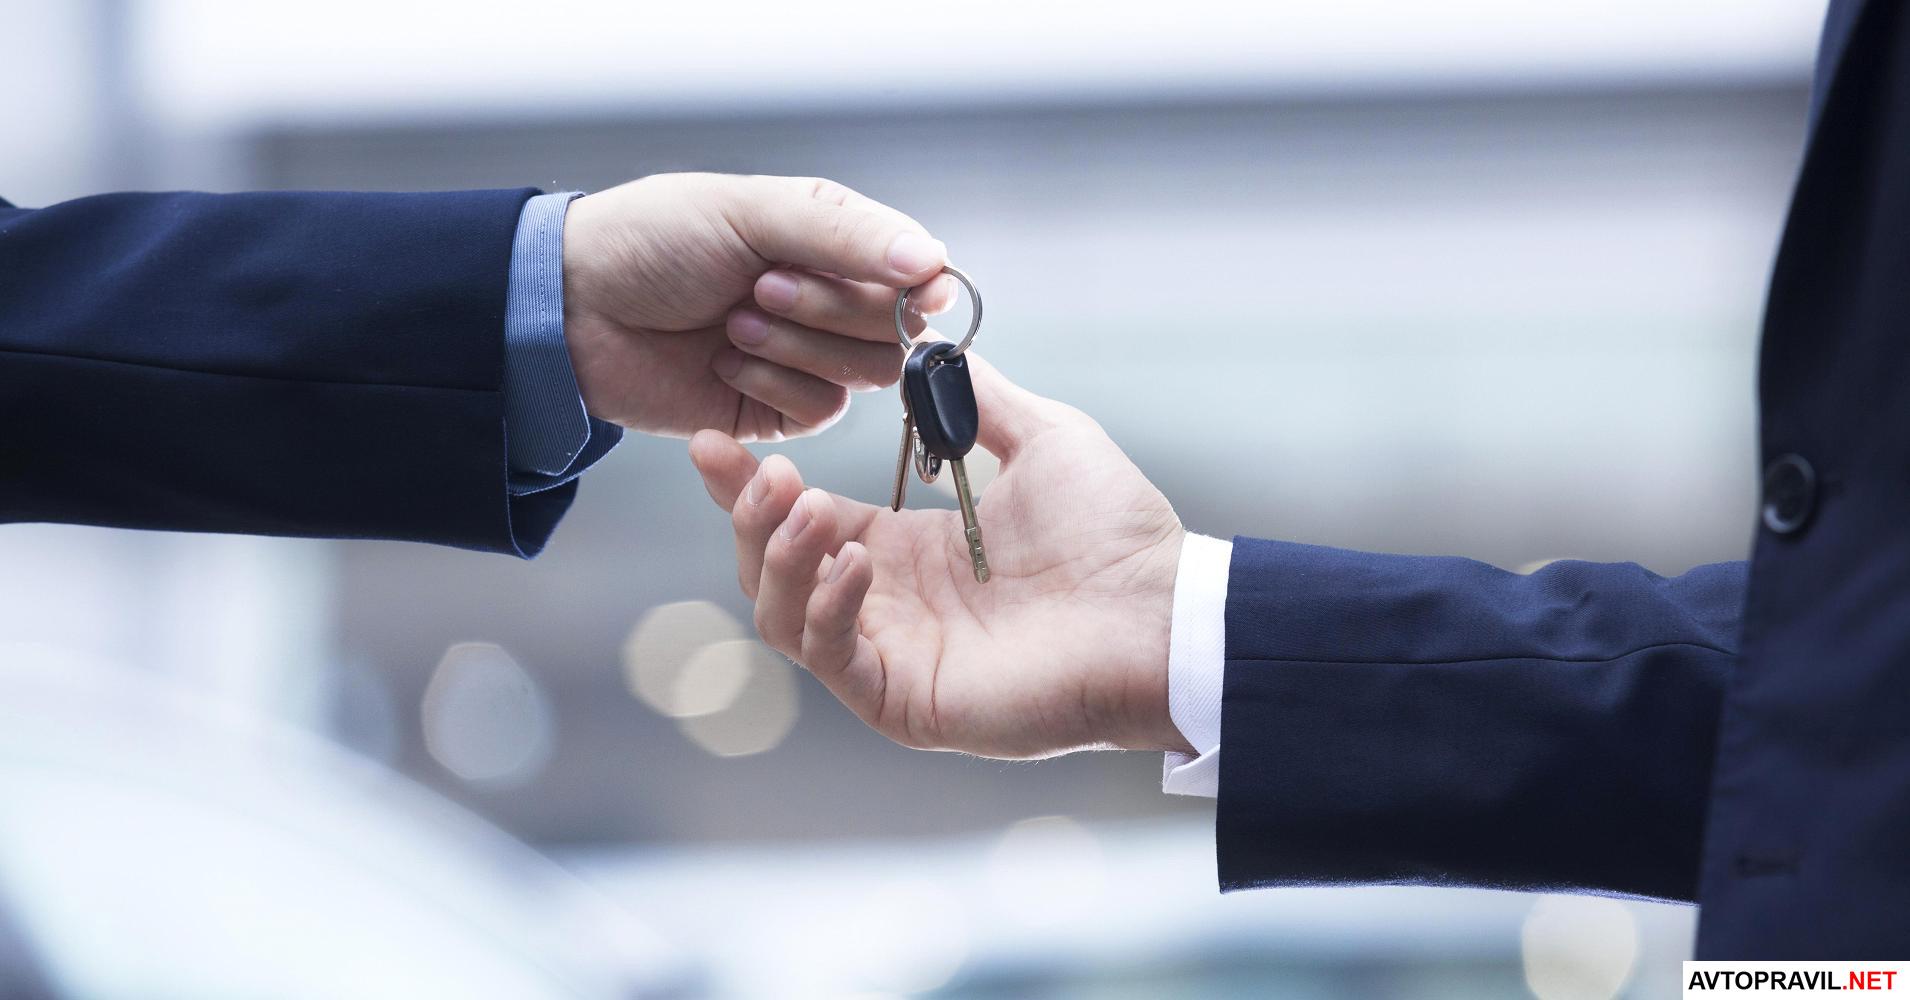 одна рука держит ключи от автомобиля, а вторая их забирает